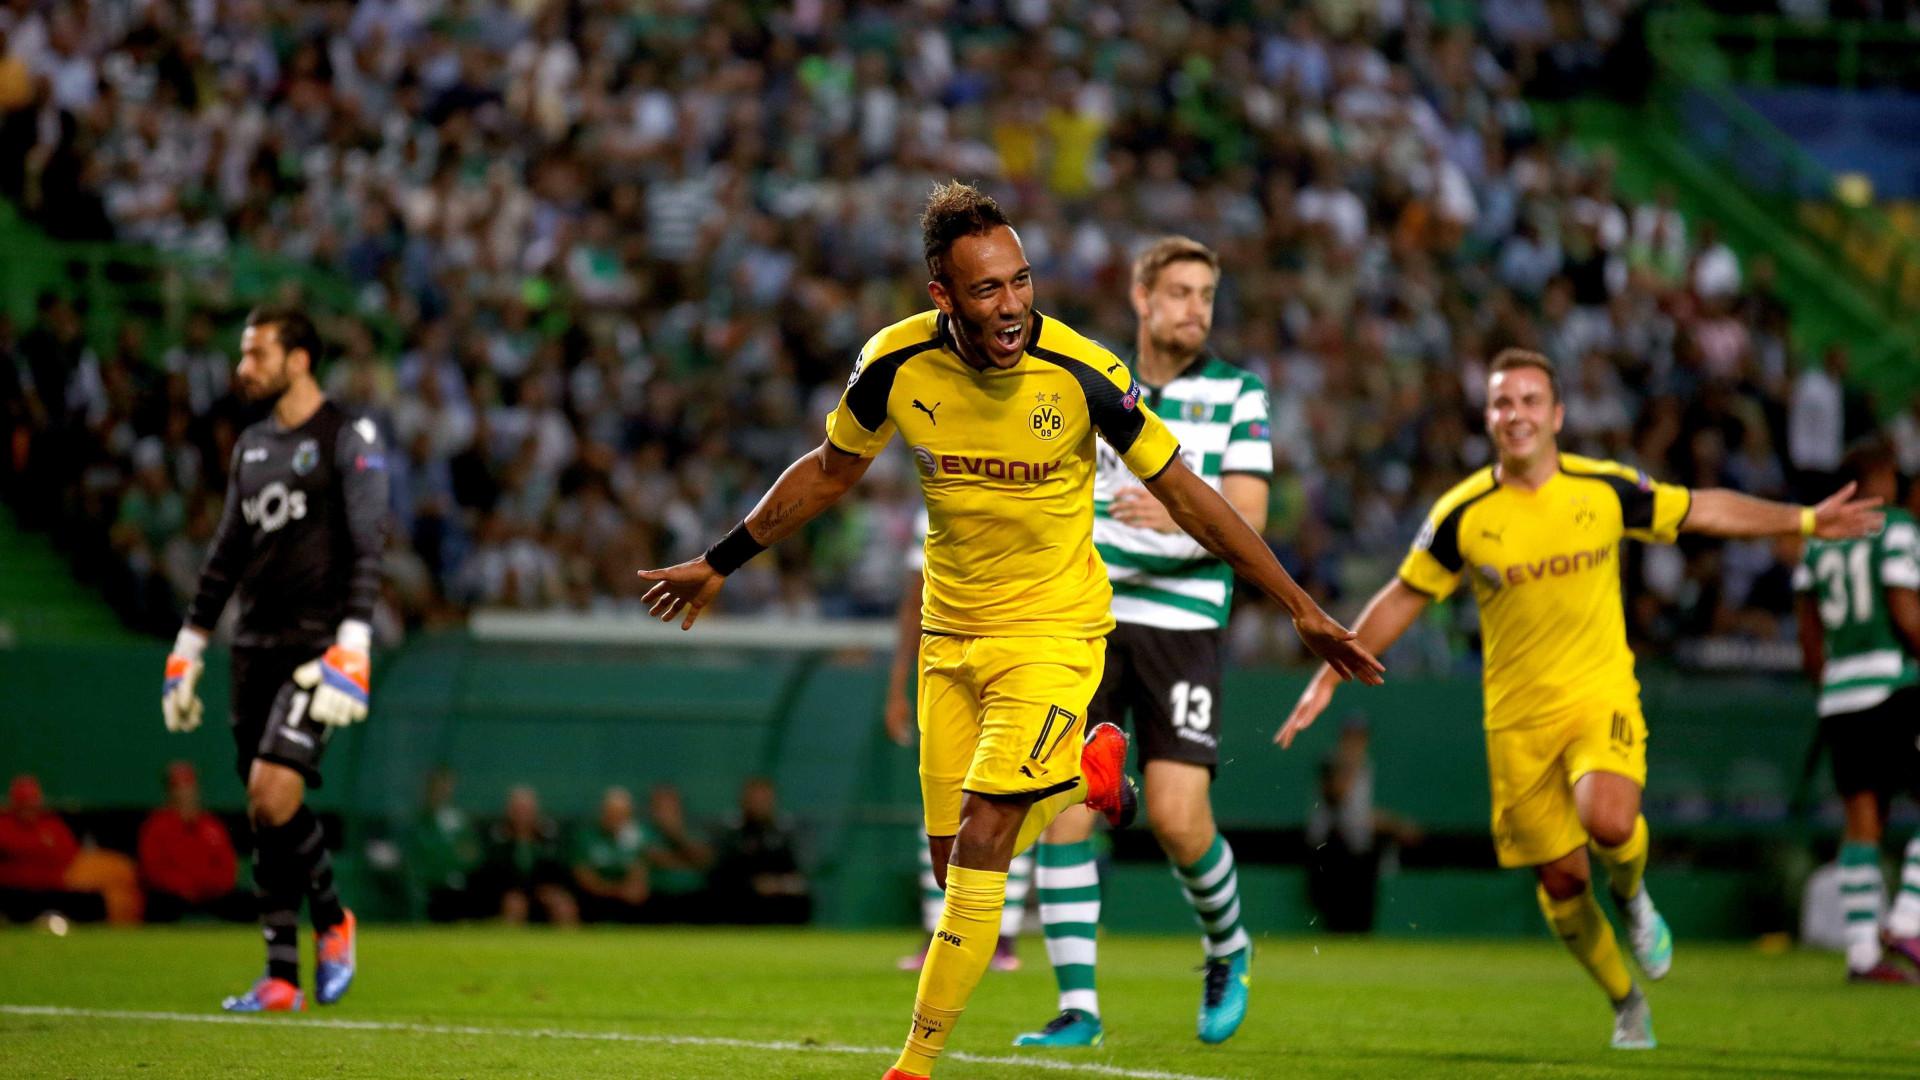 [1-2] Esforço de leão não foi suficiente. Sporting perde com Dortmund